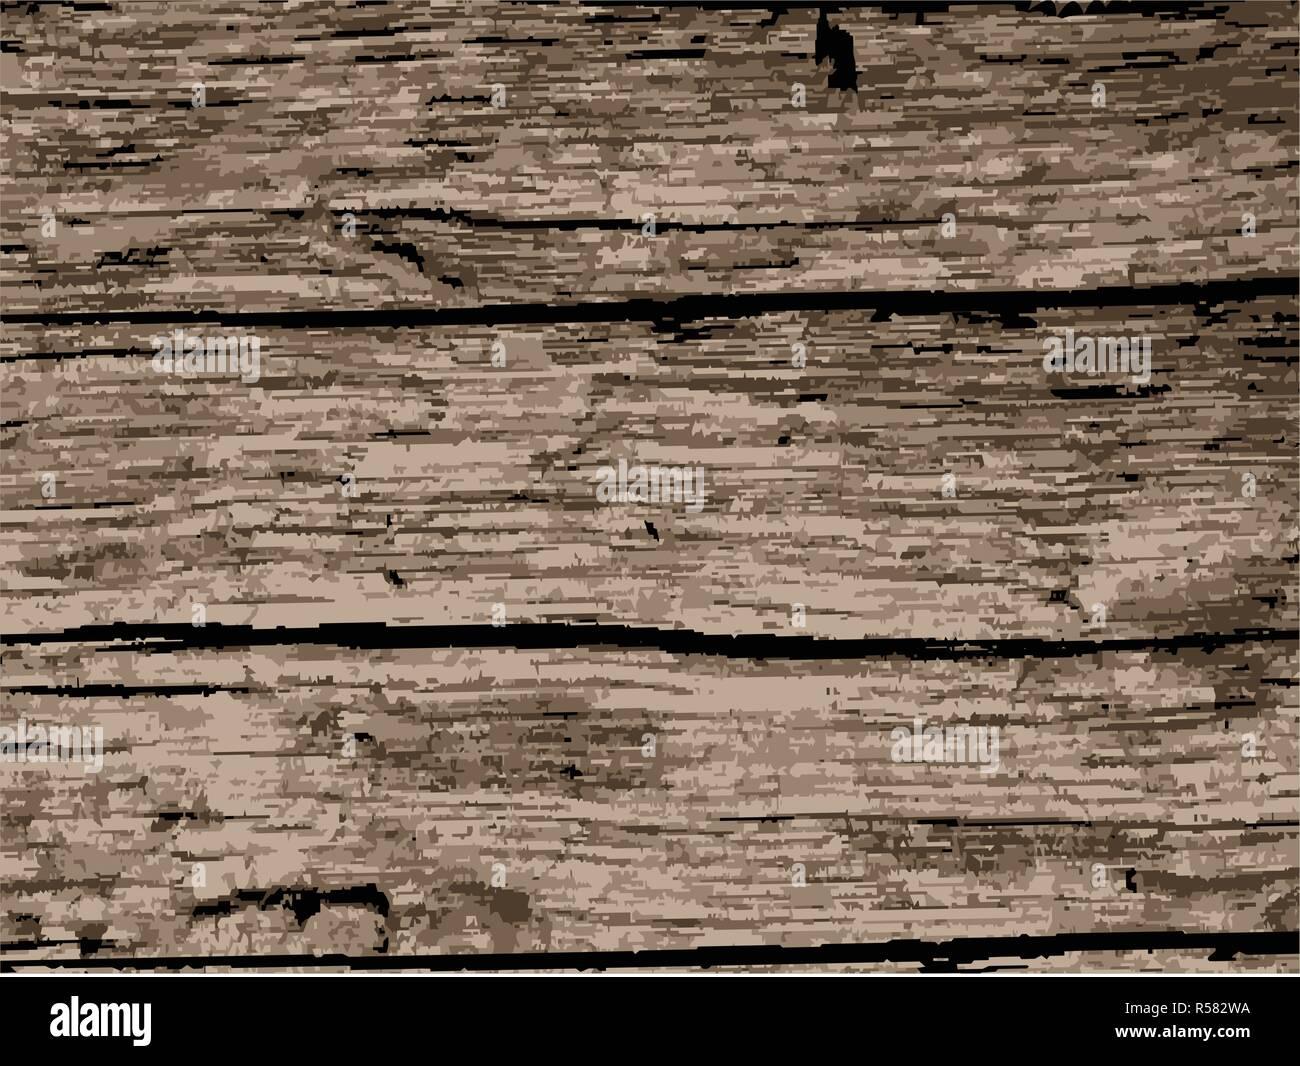 Un fond de vieux bois est bien usé Photo Stock